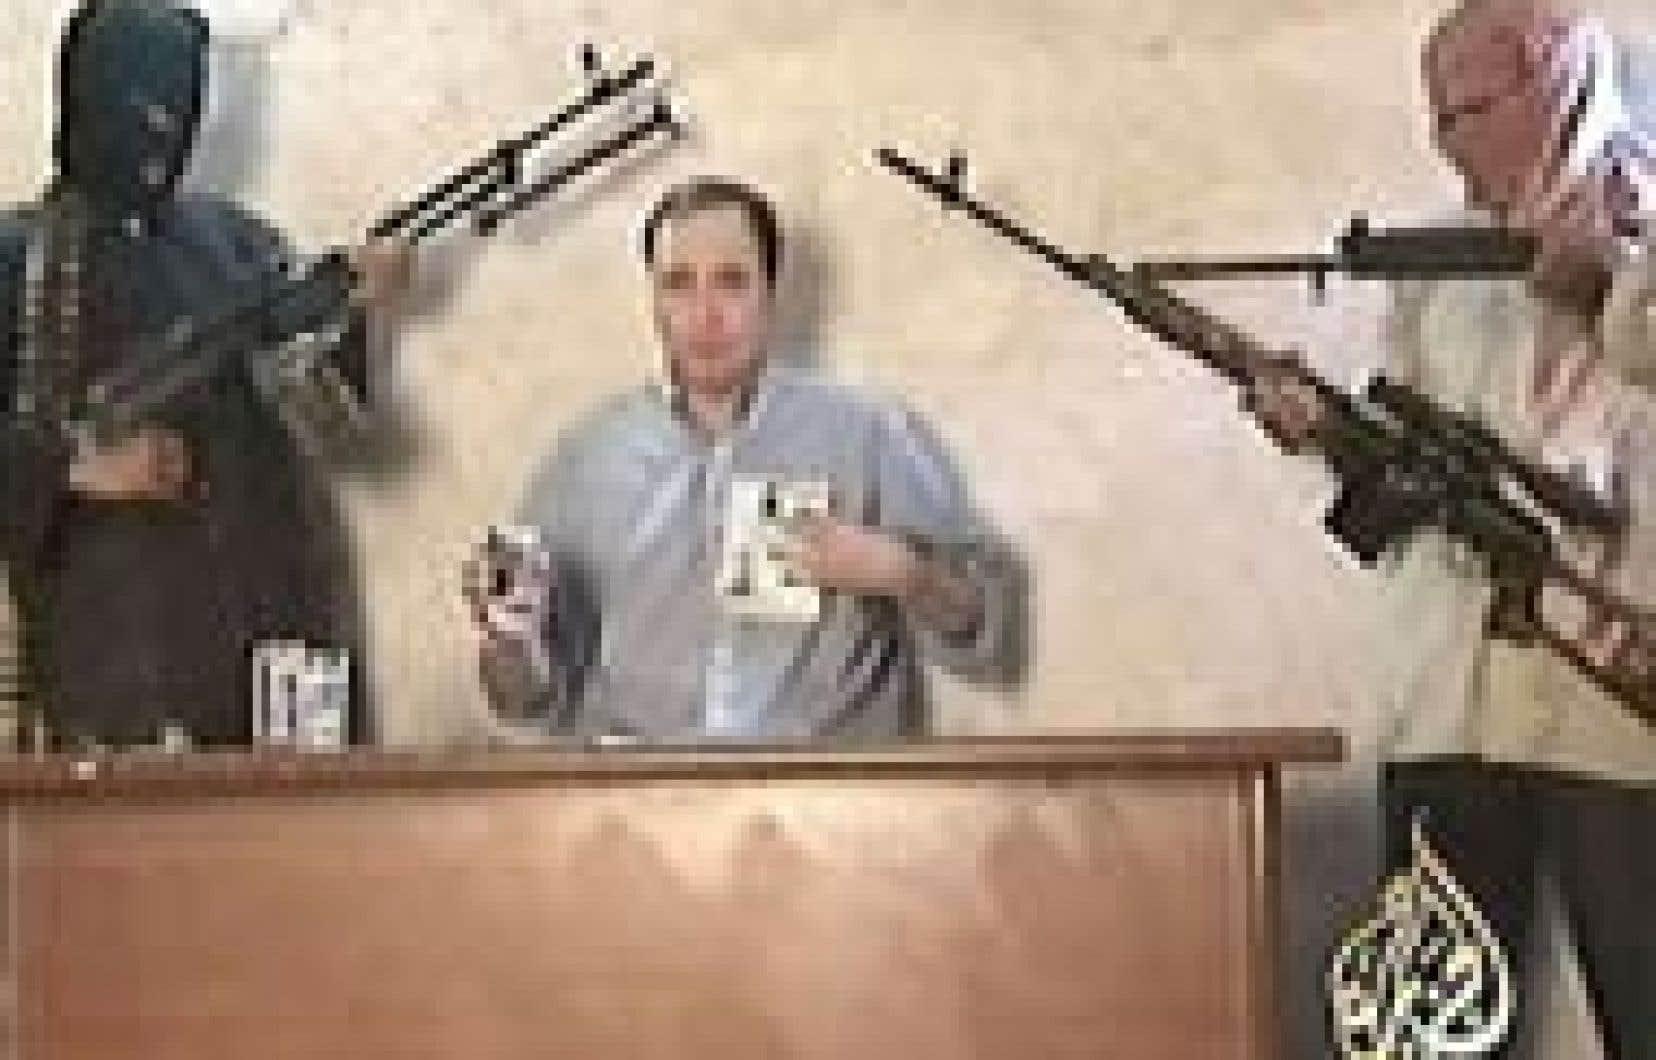 La chaîne al-Jazira a diffusé hier ces images d'un citoyen américain qui a exhorté les États-Unis à retirer leurs troupes pour lui sauver la vie.